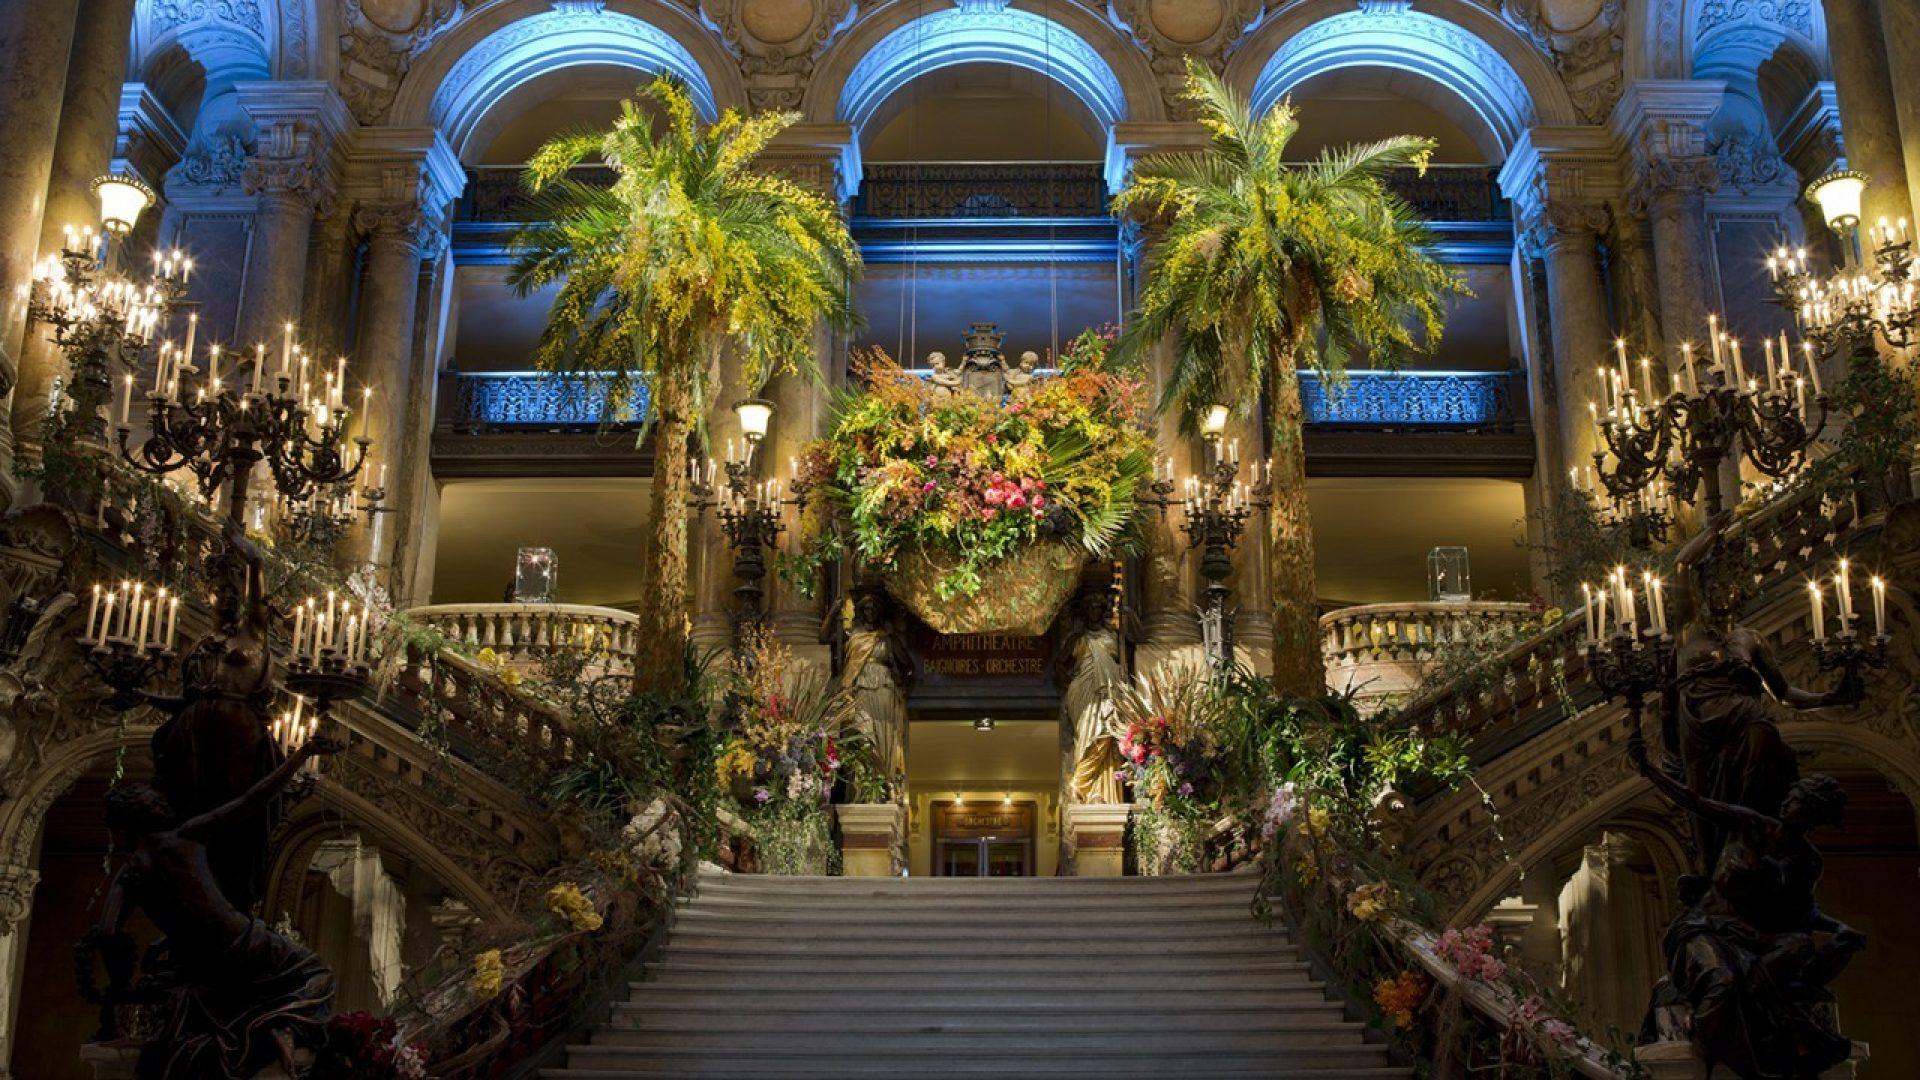 30 ans AROP Opera Garnier